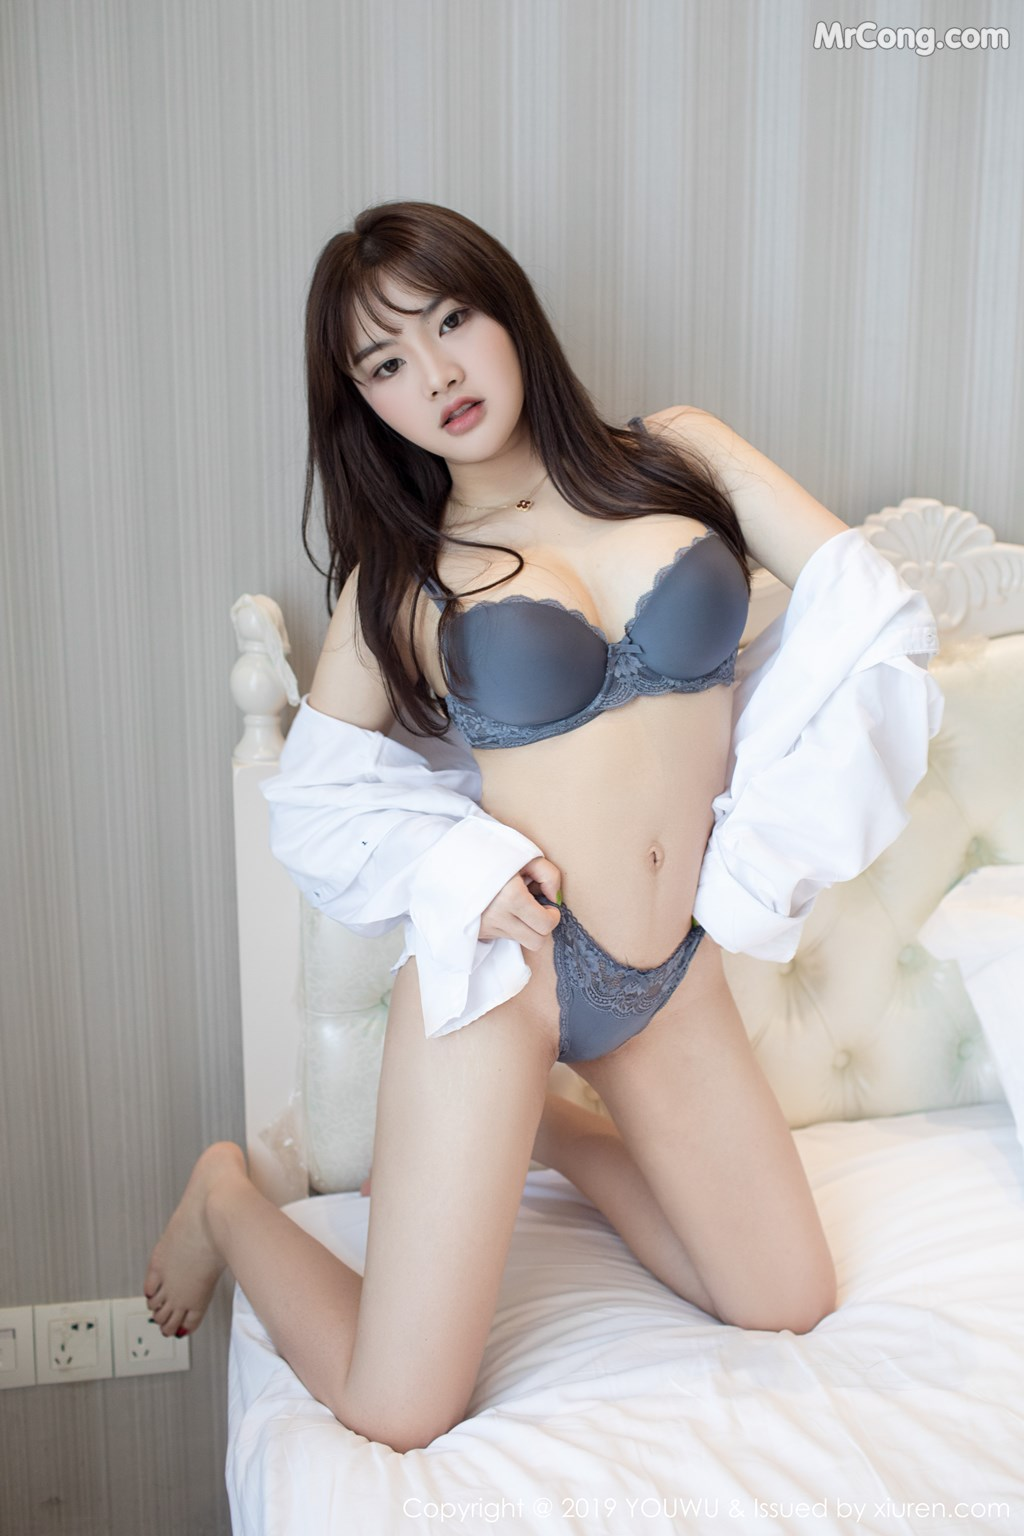 Image YouWu-Vol.161-Xiao-Cangshu-MrCong.com-053 in post YouWu Vol.161: Xiao Cangshu (小仓鼠) (65 ảnh)